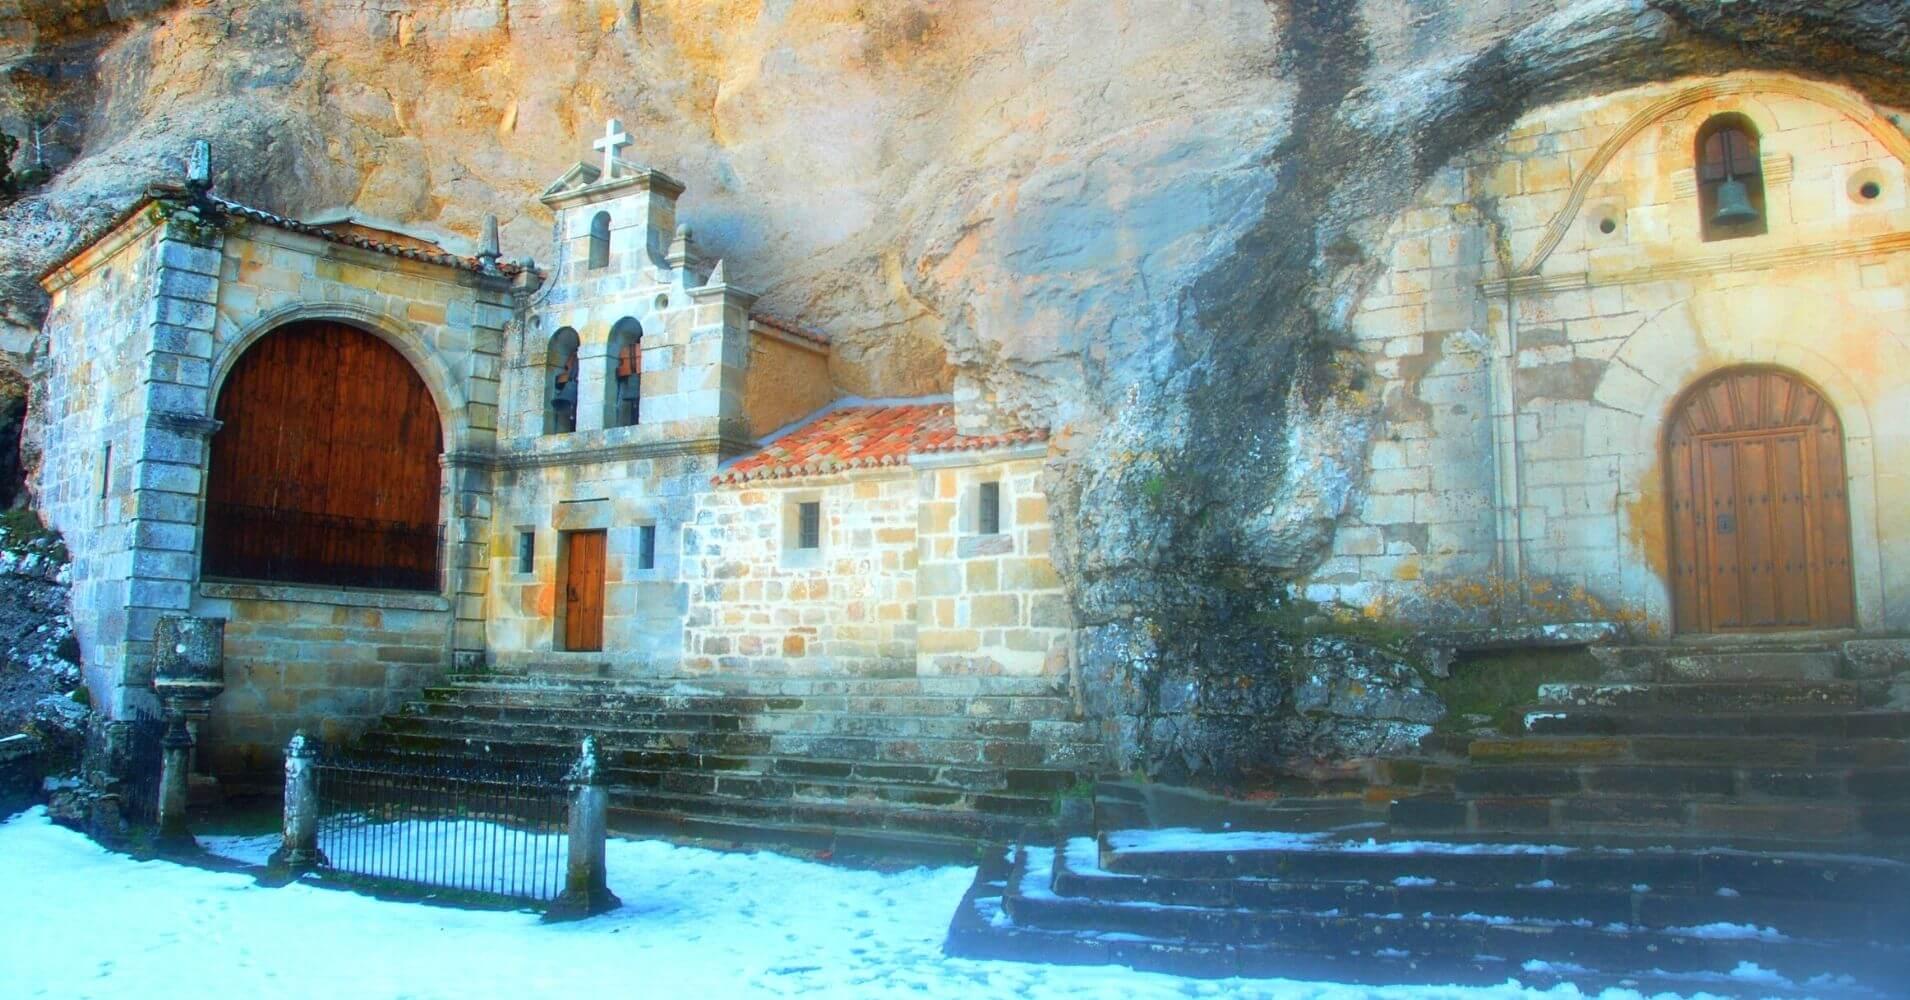 Cueva Ermita de San Bernabé y San Tirso. Las Merindades. Burgos, Castilla y León.